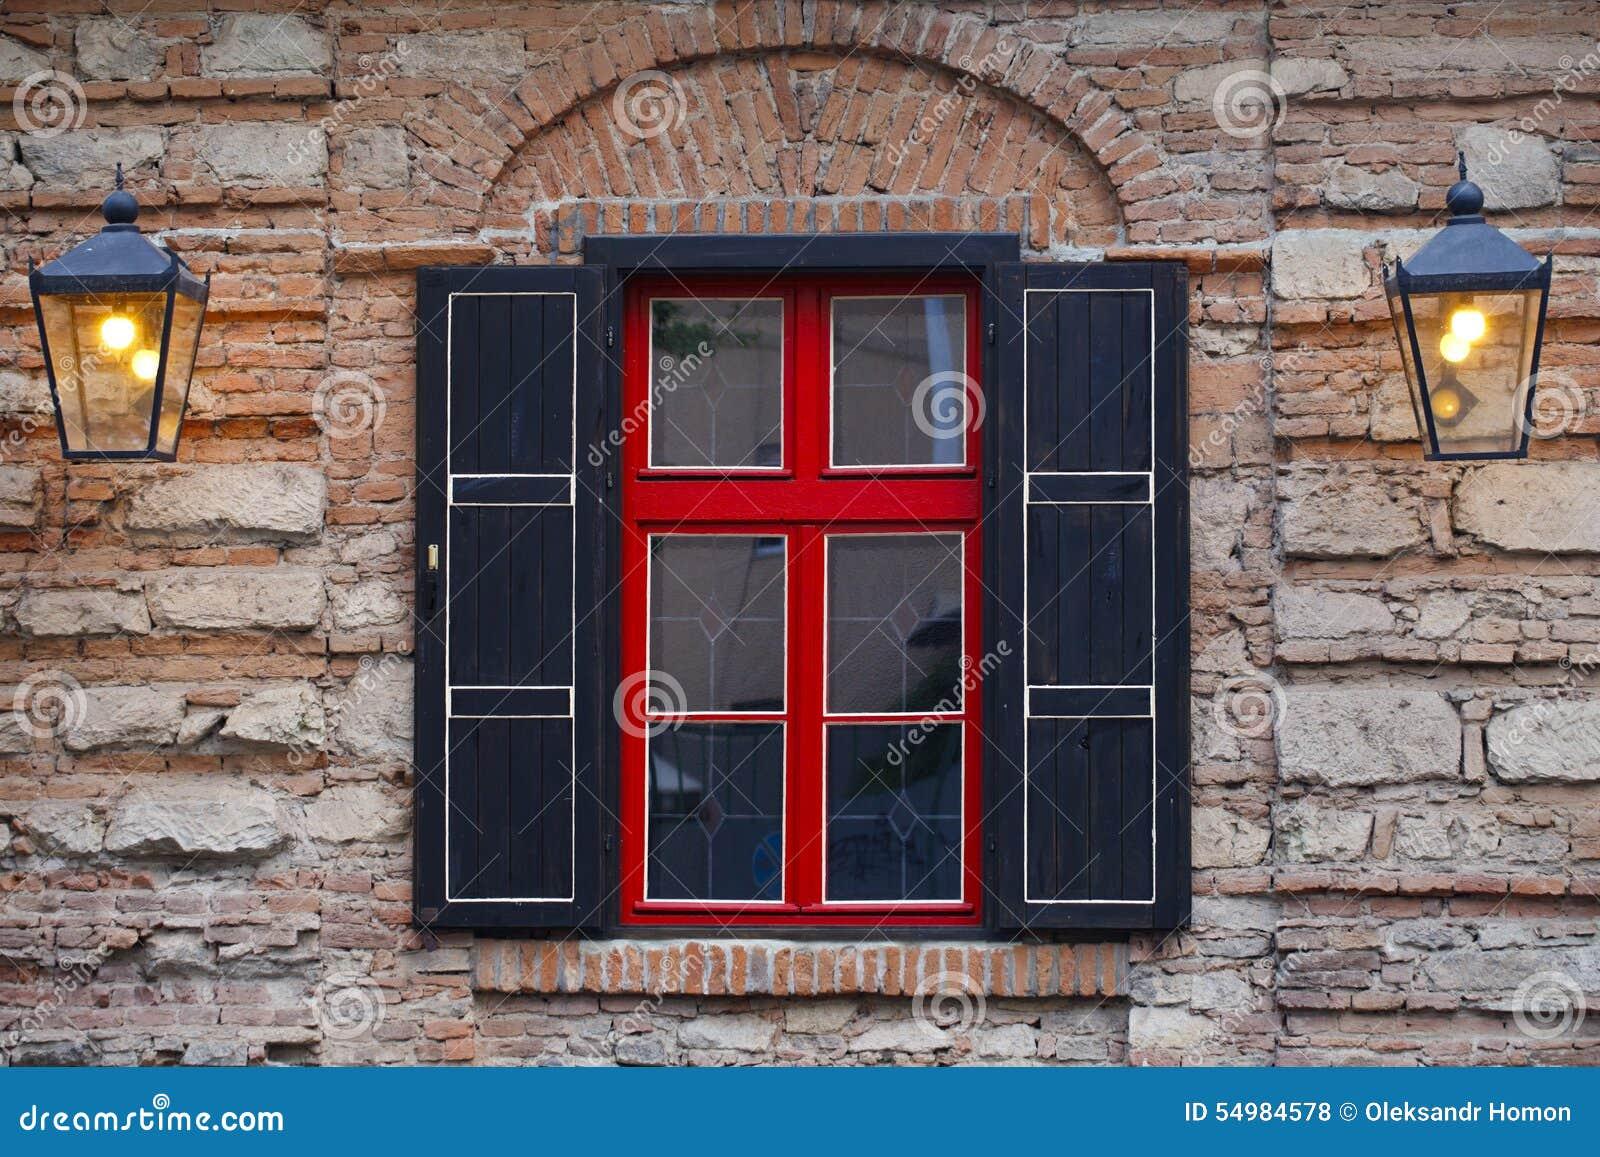 Fasad av byggnaden, fönster en röd svart